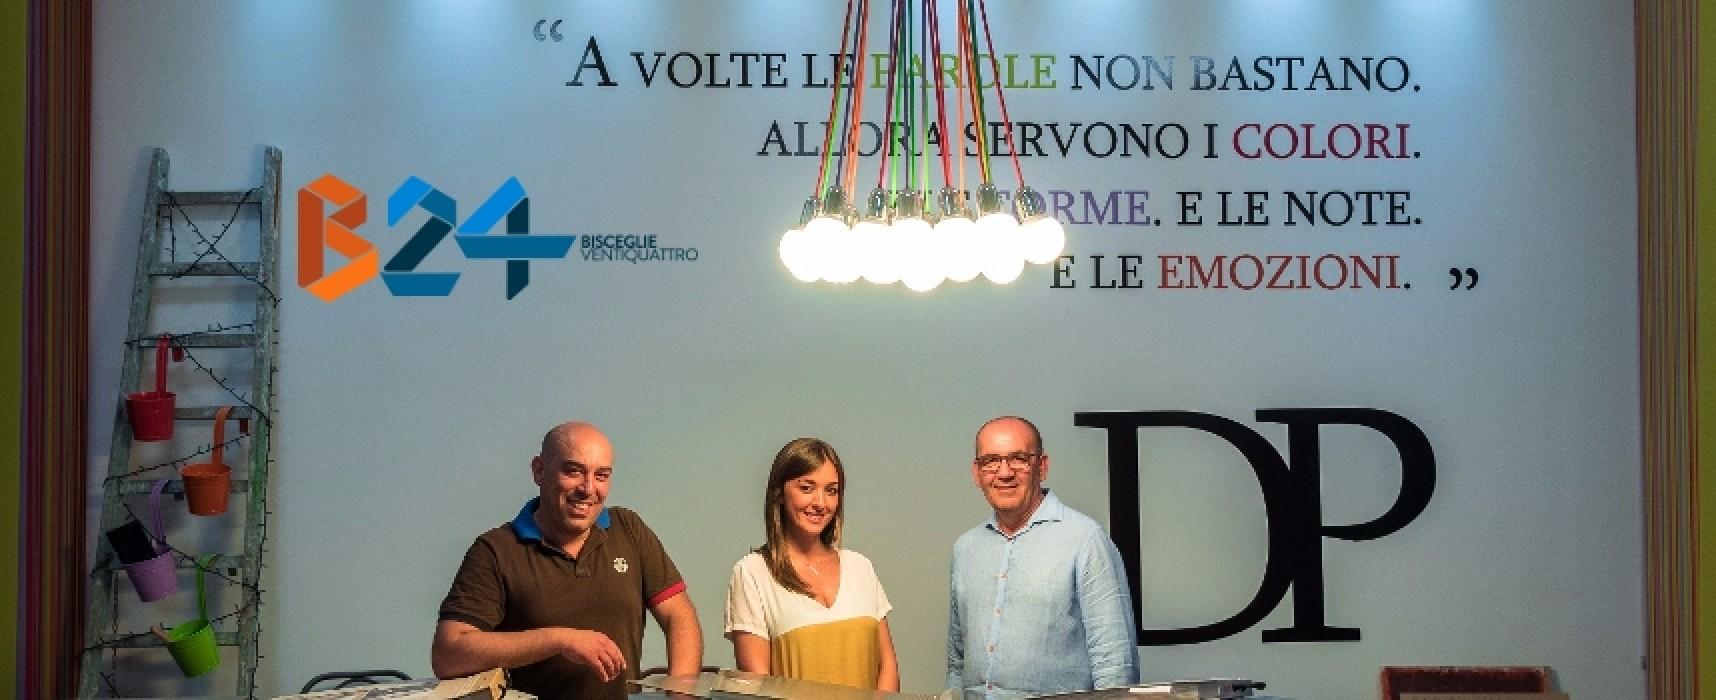 Quarant'anni da azienda leader, buon compleanno alla Di Pinto Sas / VIDEO